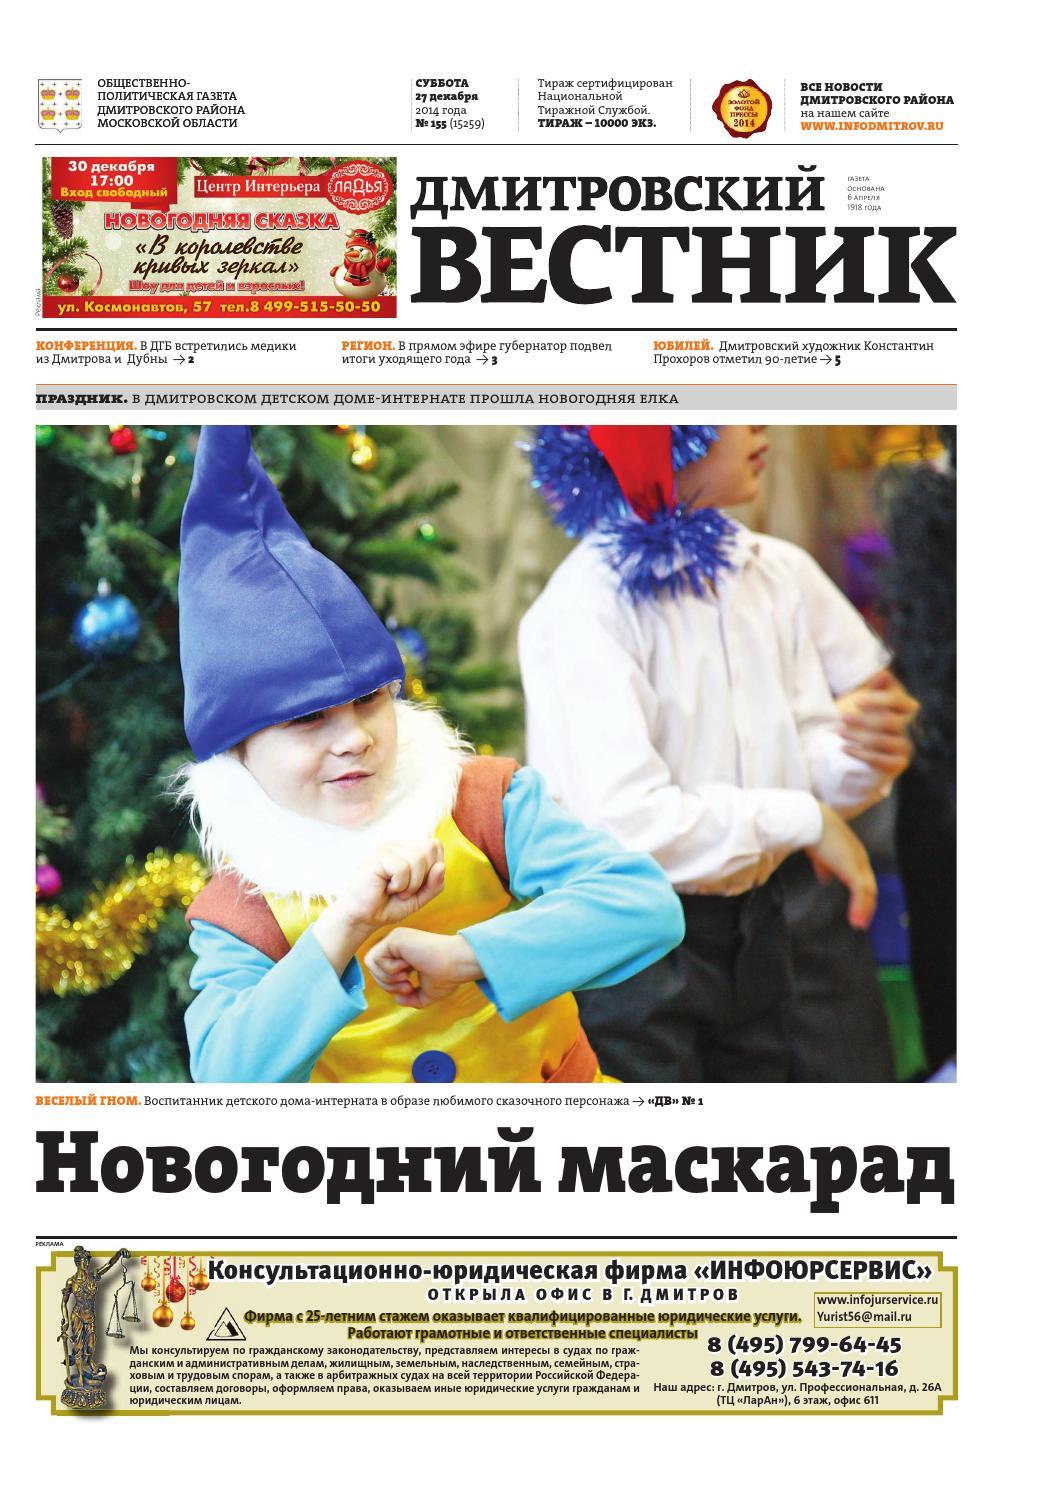 Секс московская обл дмитровский район поселок синьково